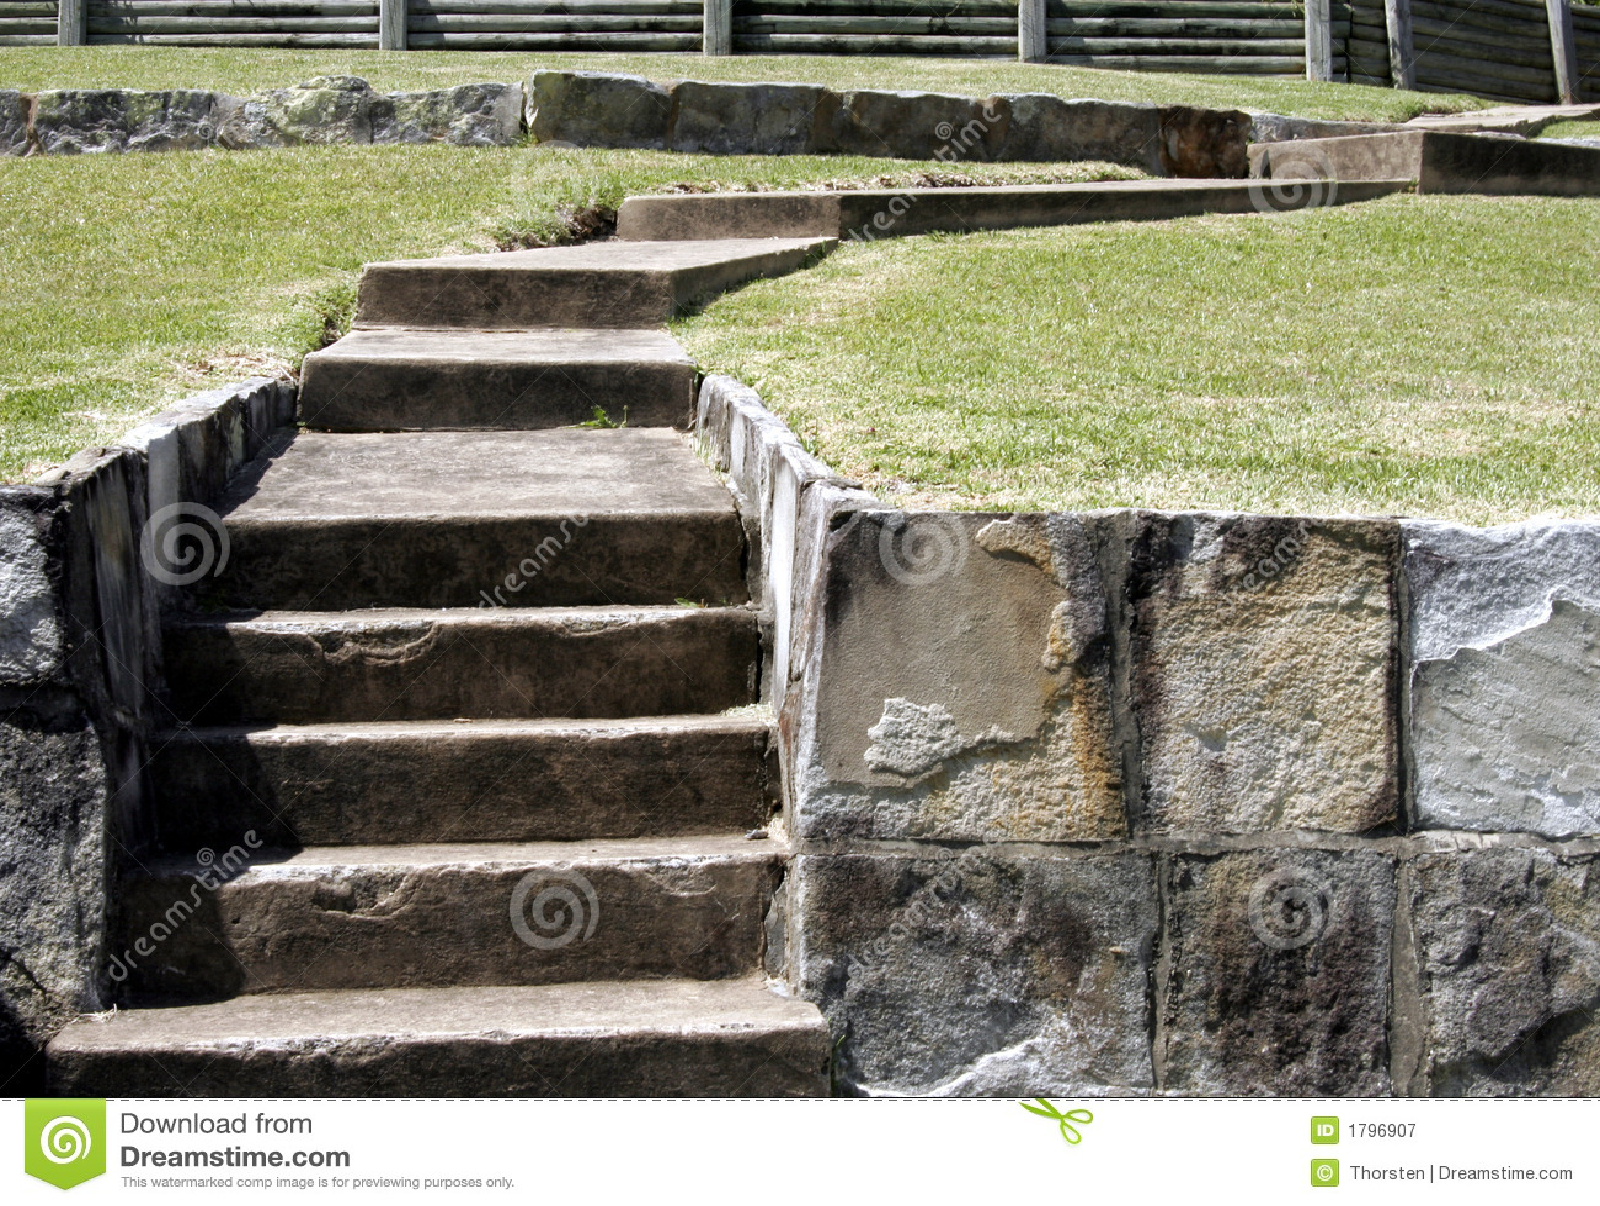 escada de pedra no jardim:Escadas de pedra velhas e um trajeto através de um campo de grama do